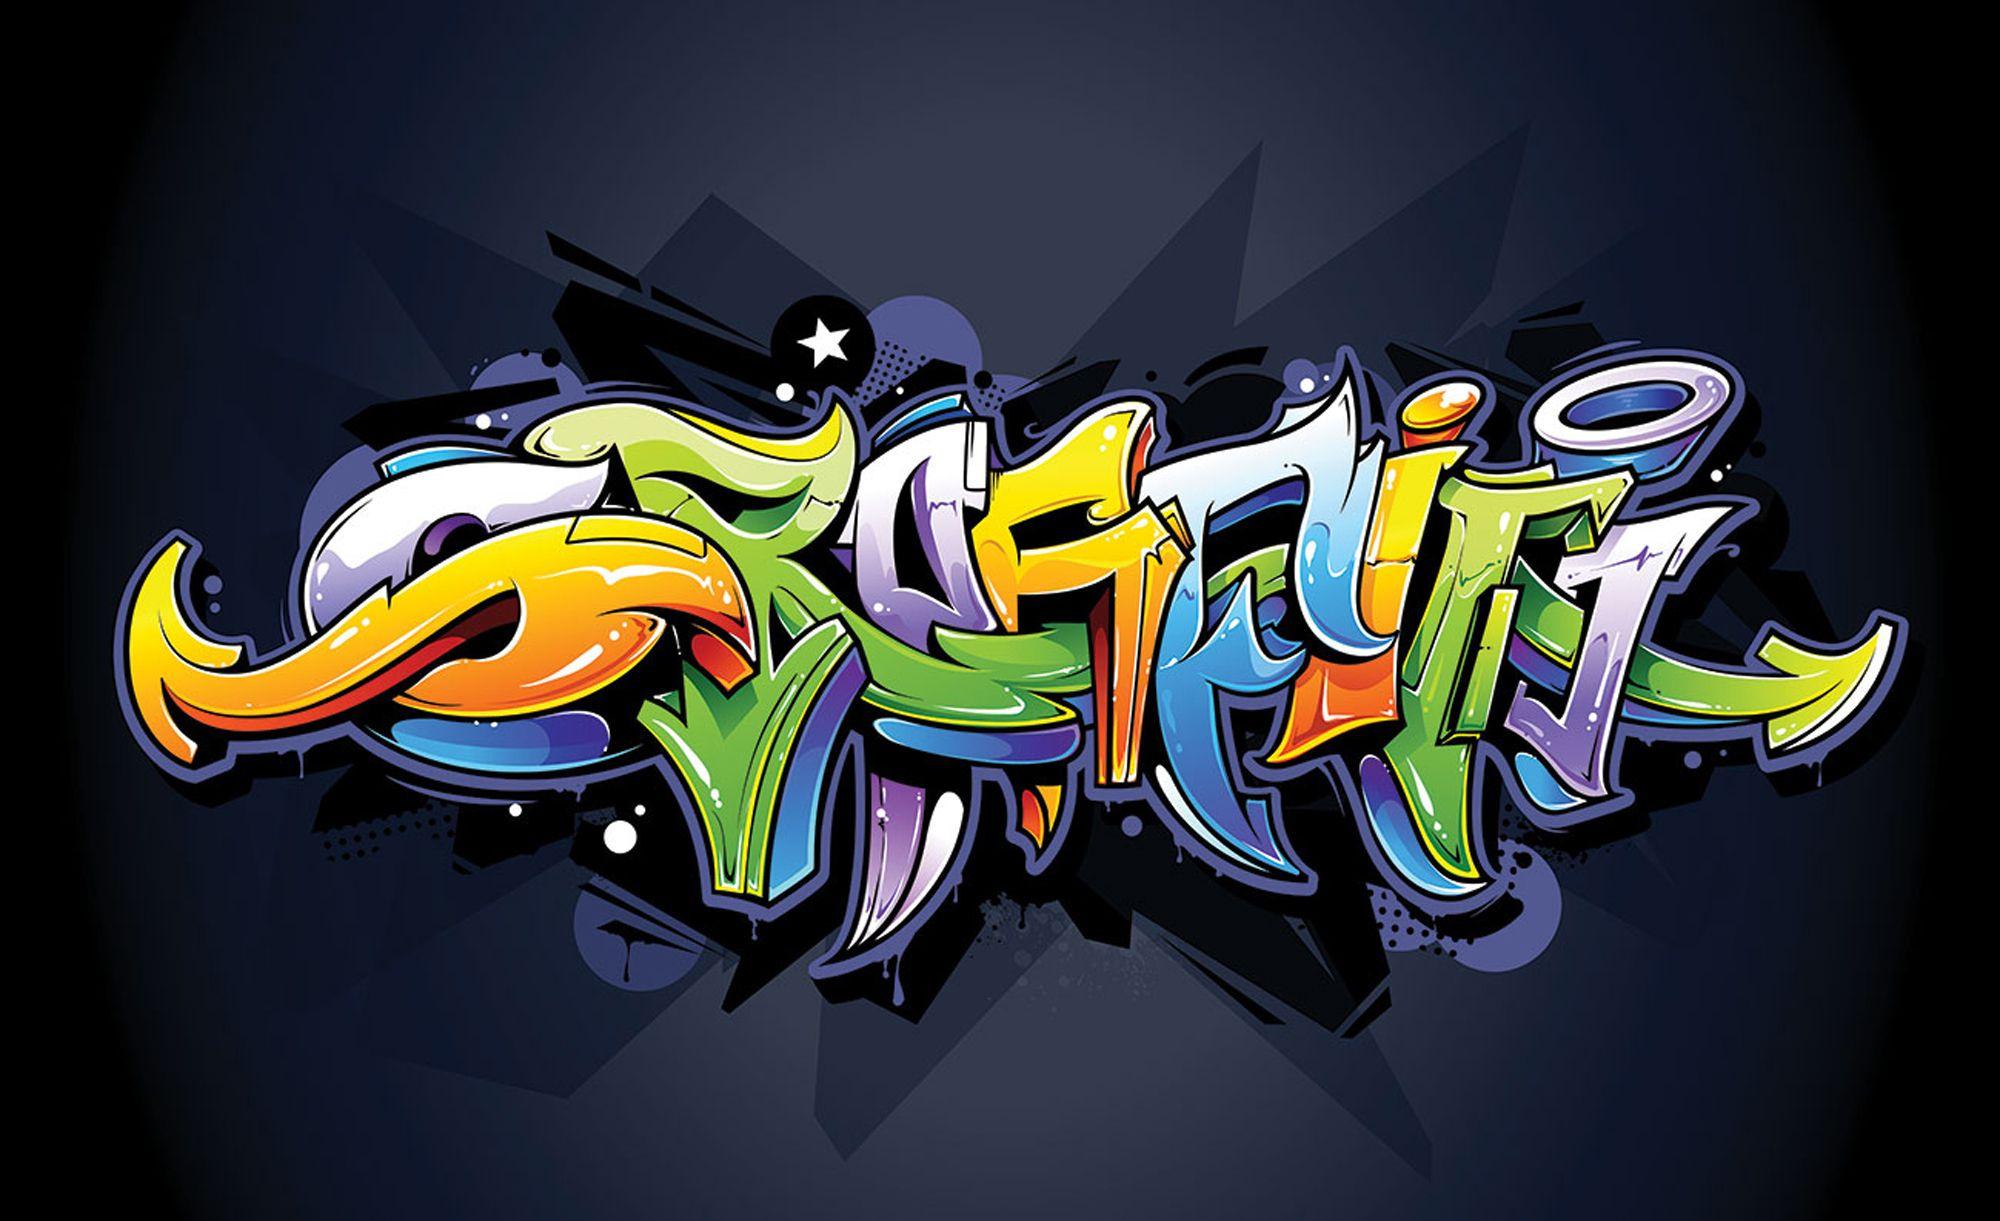 Fototapeta dzieci graffiti kolor ściana mur254x184